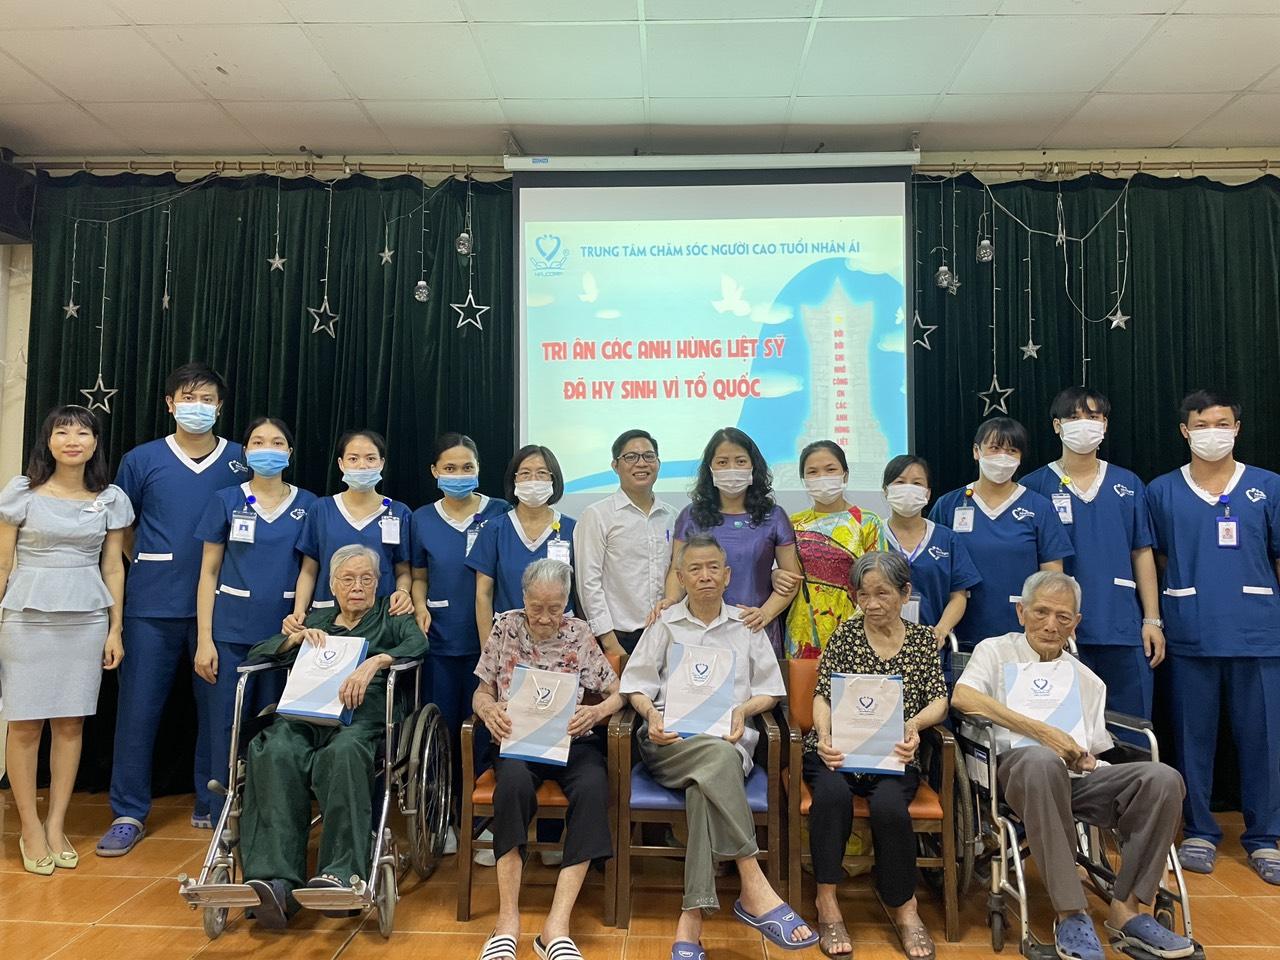 Dưỡng lão Nhân Ái tổ chức kỷ niệm ngày Thương binh liệt sĩ